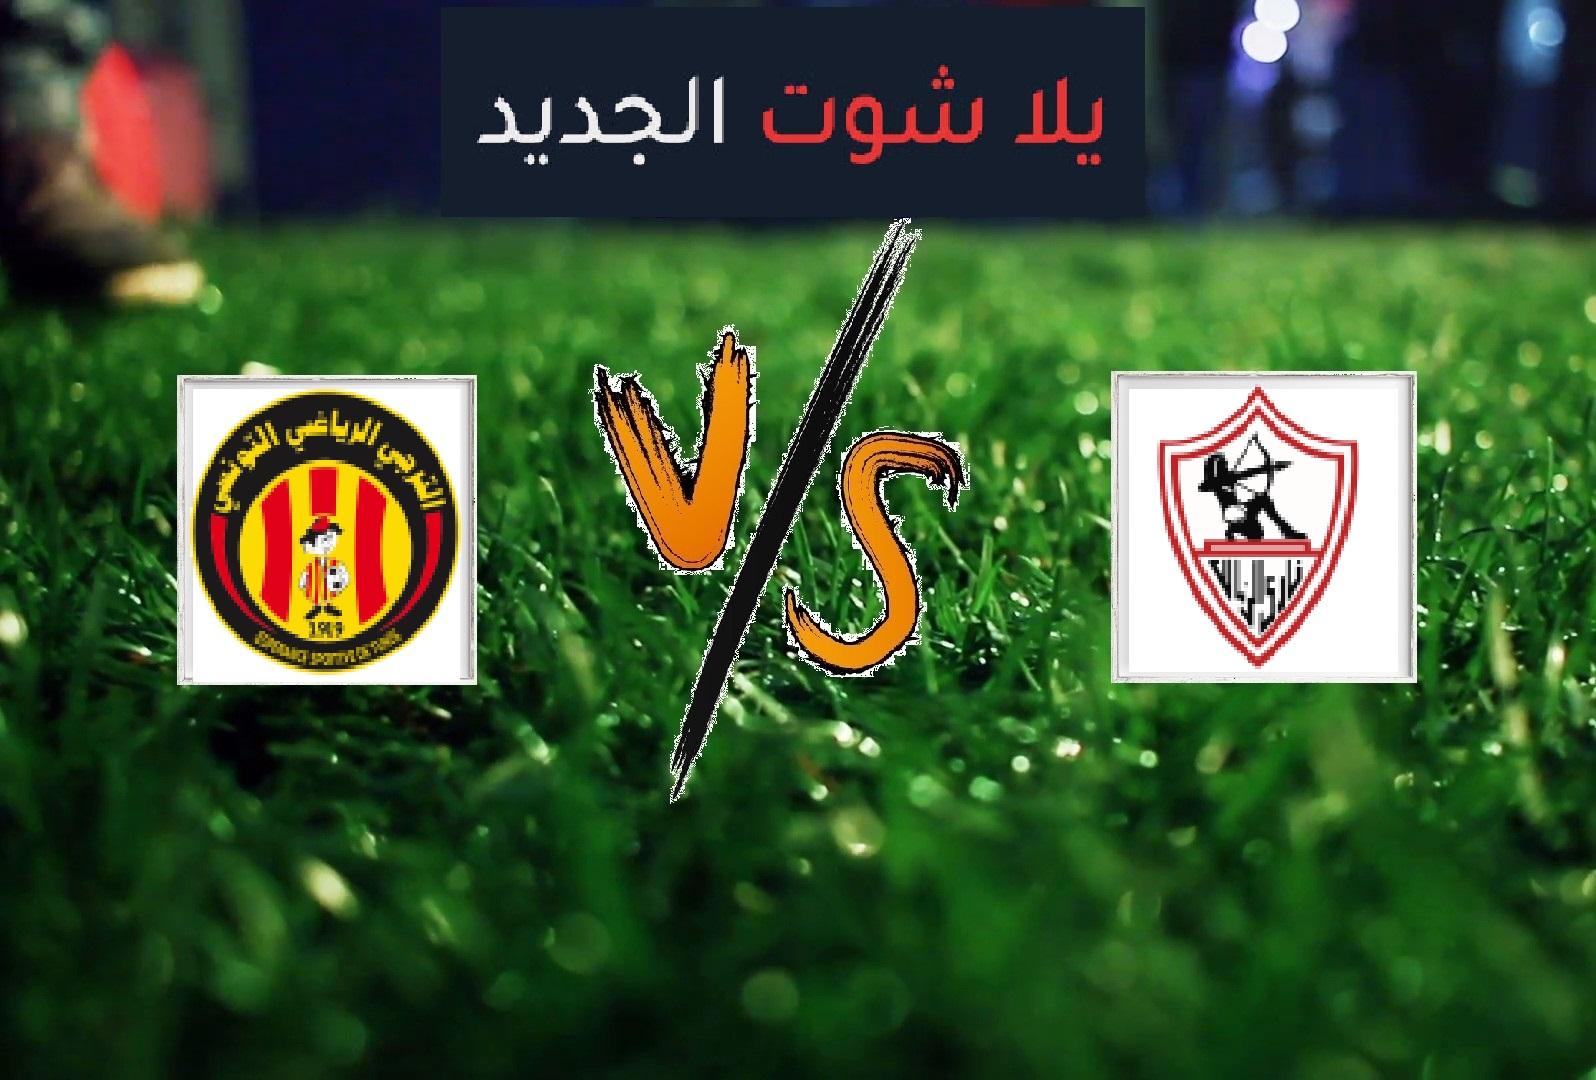 نتيجة مباراة الترجي التونسي والزمالك بتاريخ 06-03-2020 دوري أبطال أفريقيا